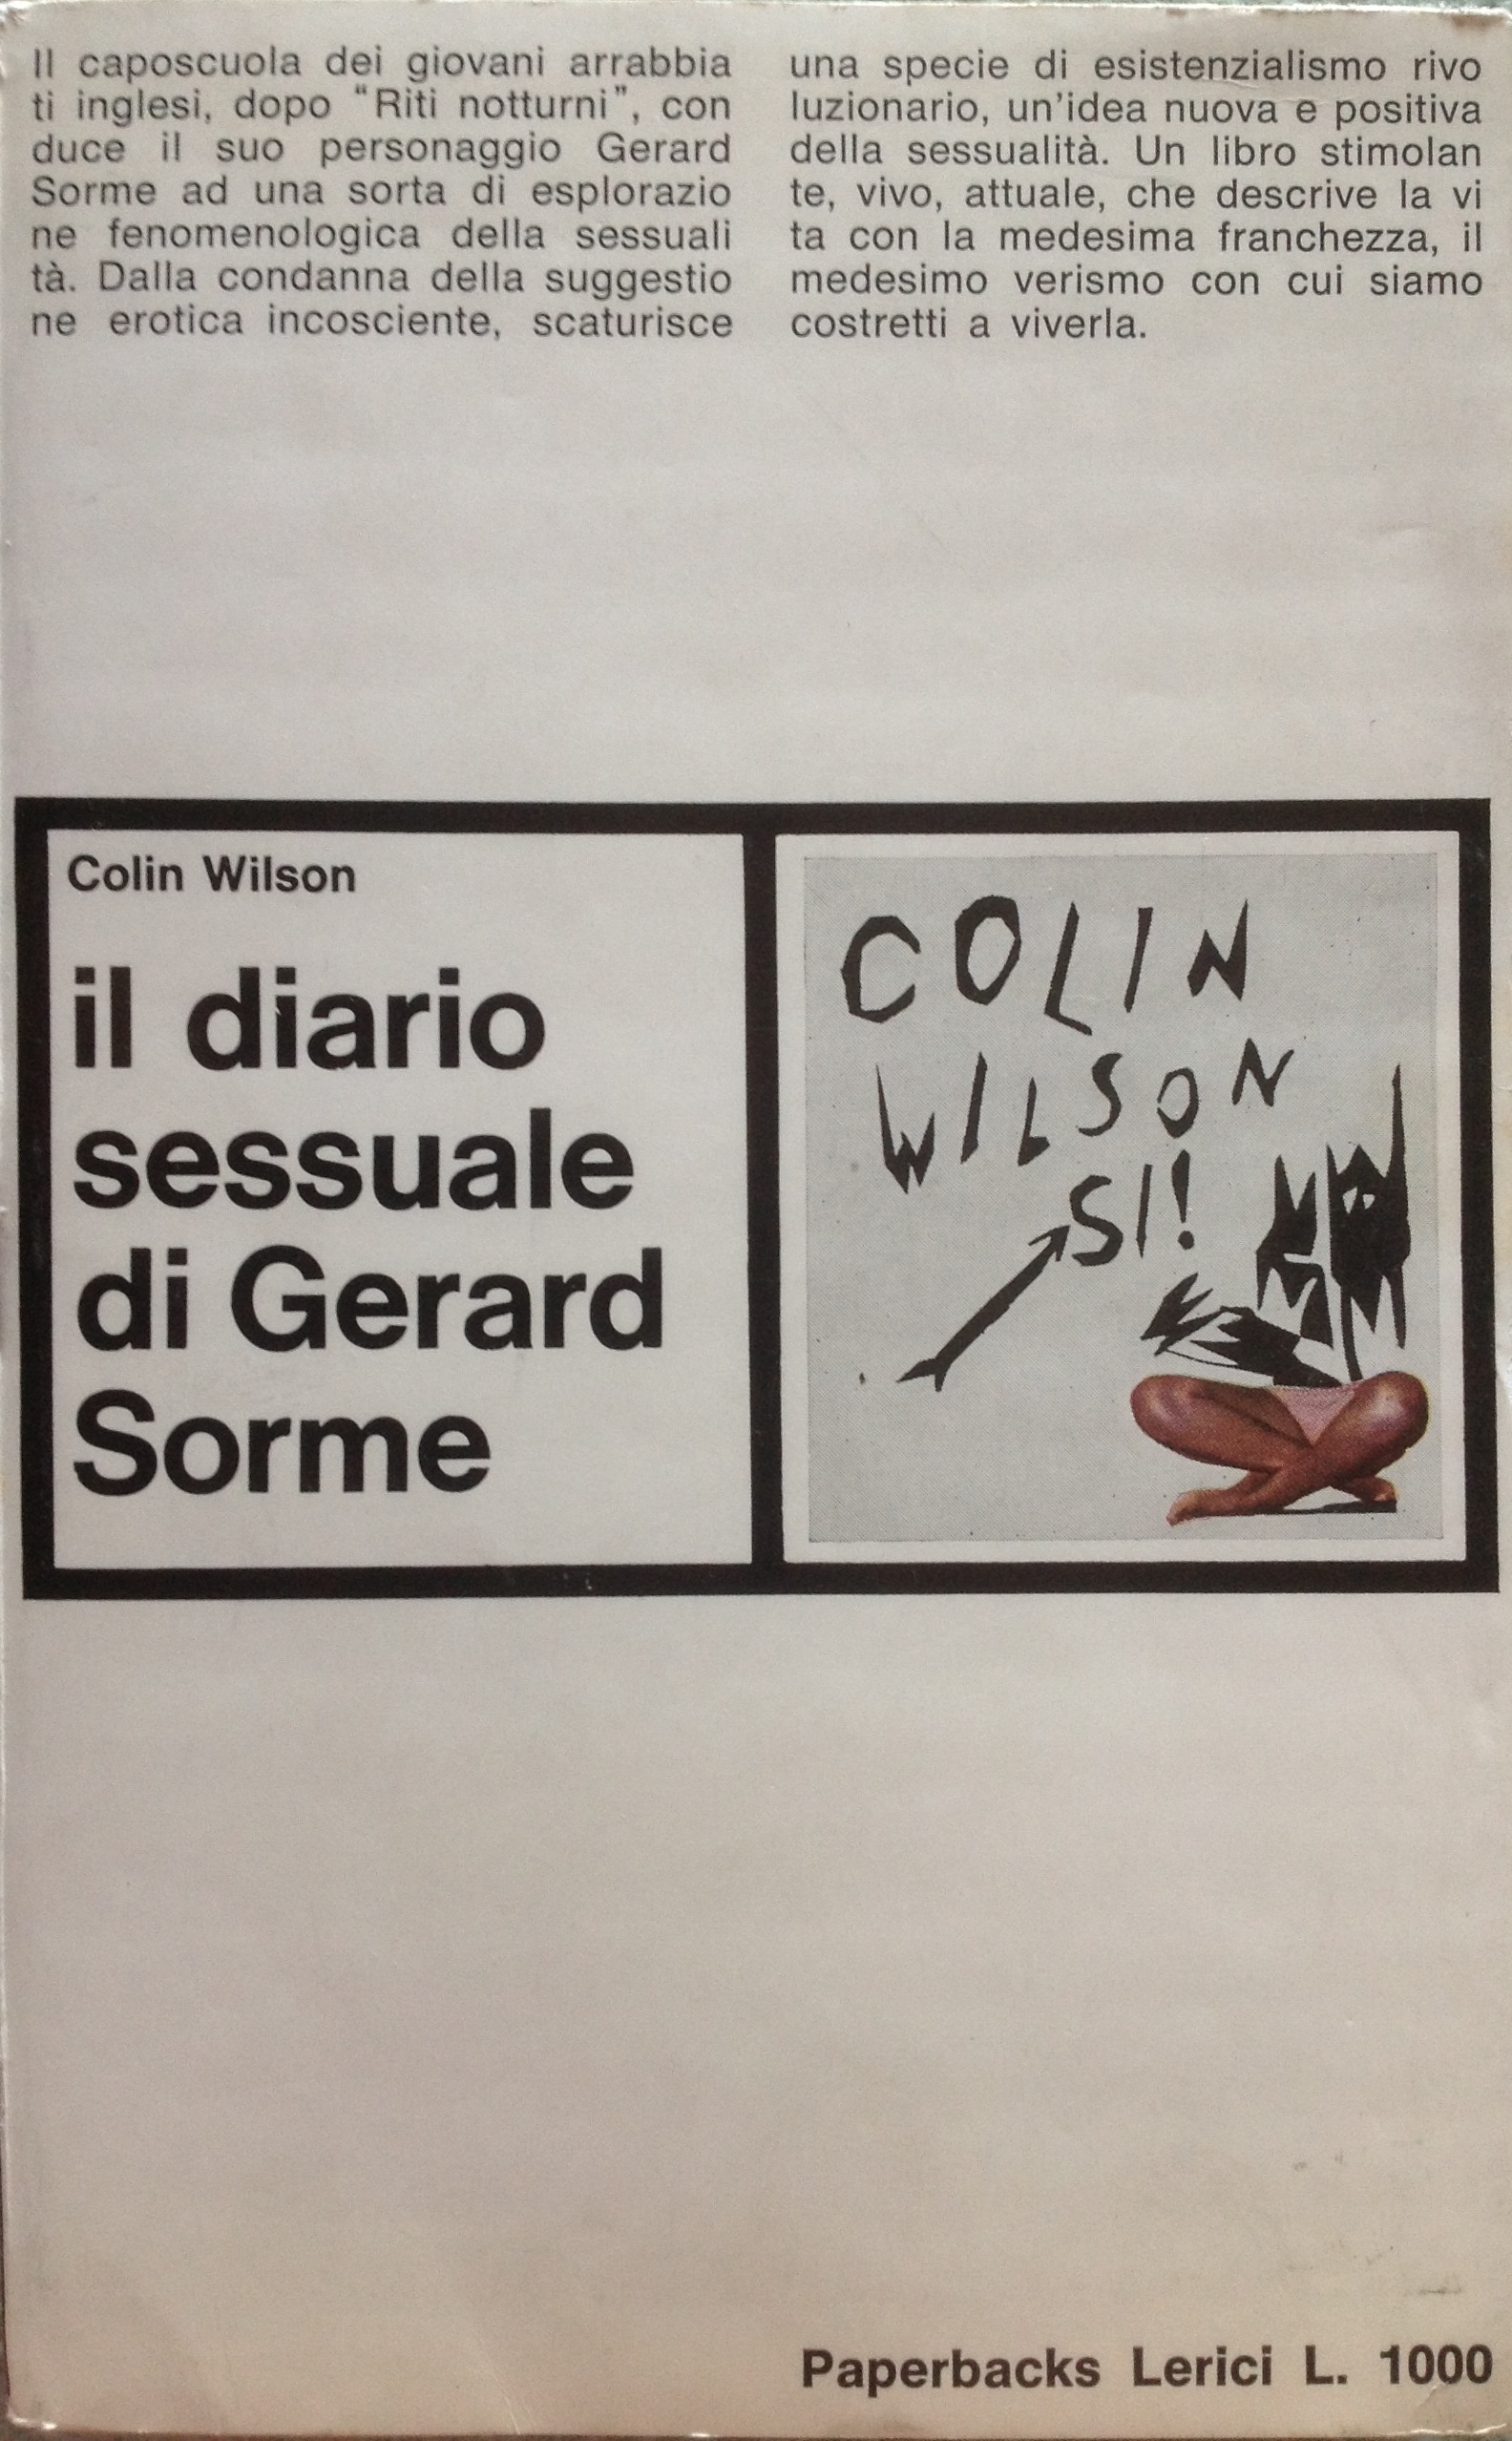 Il diario sessuale di Gerard Sorme